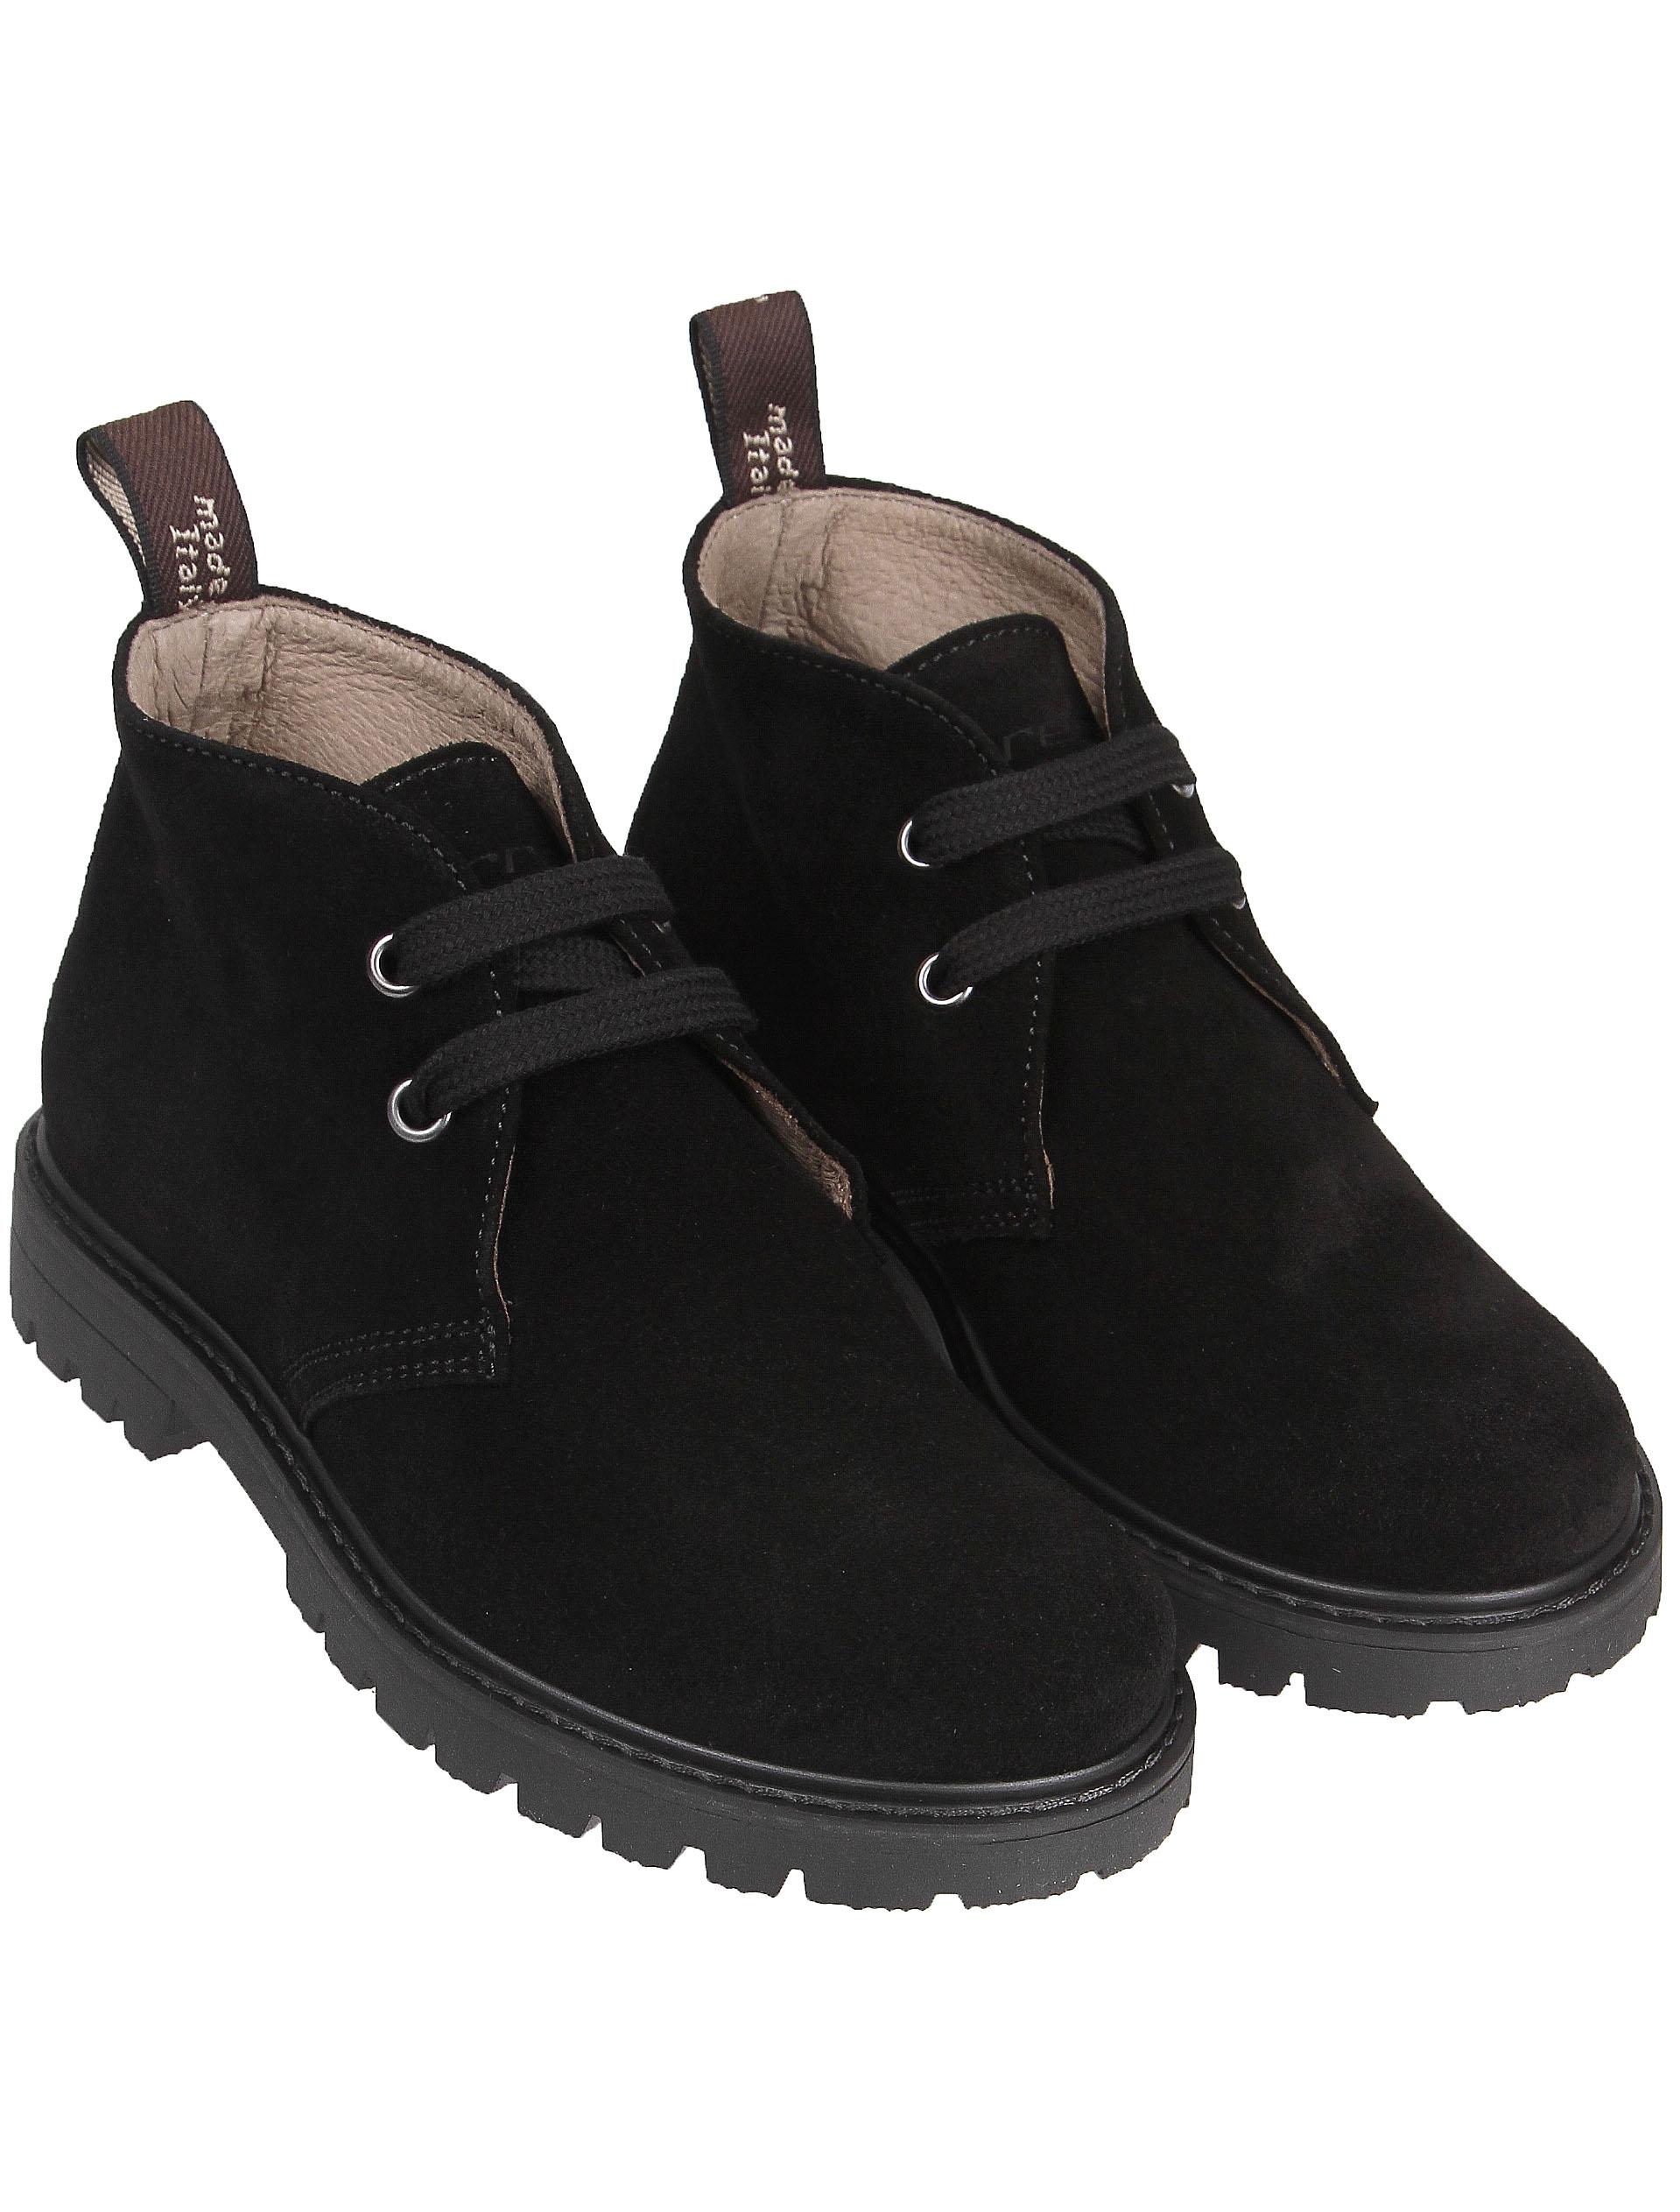 Купить 2141235, Ботинки JARRETT, черный, Мужской, 2031119980448